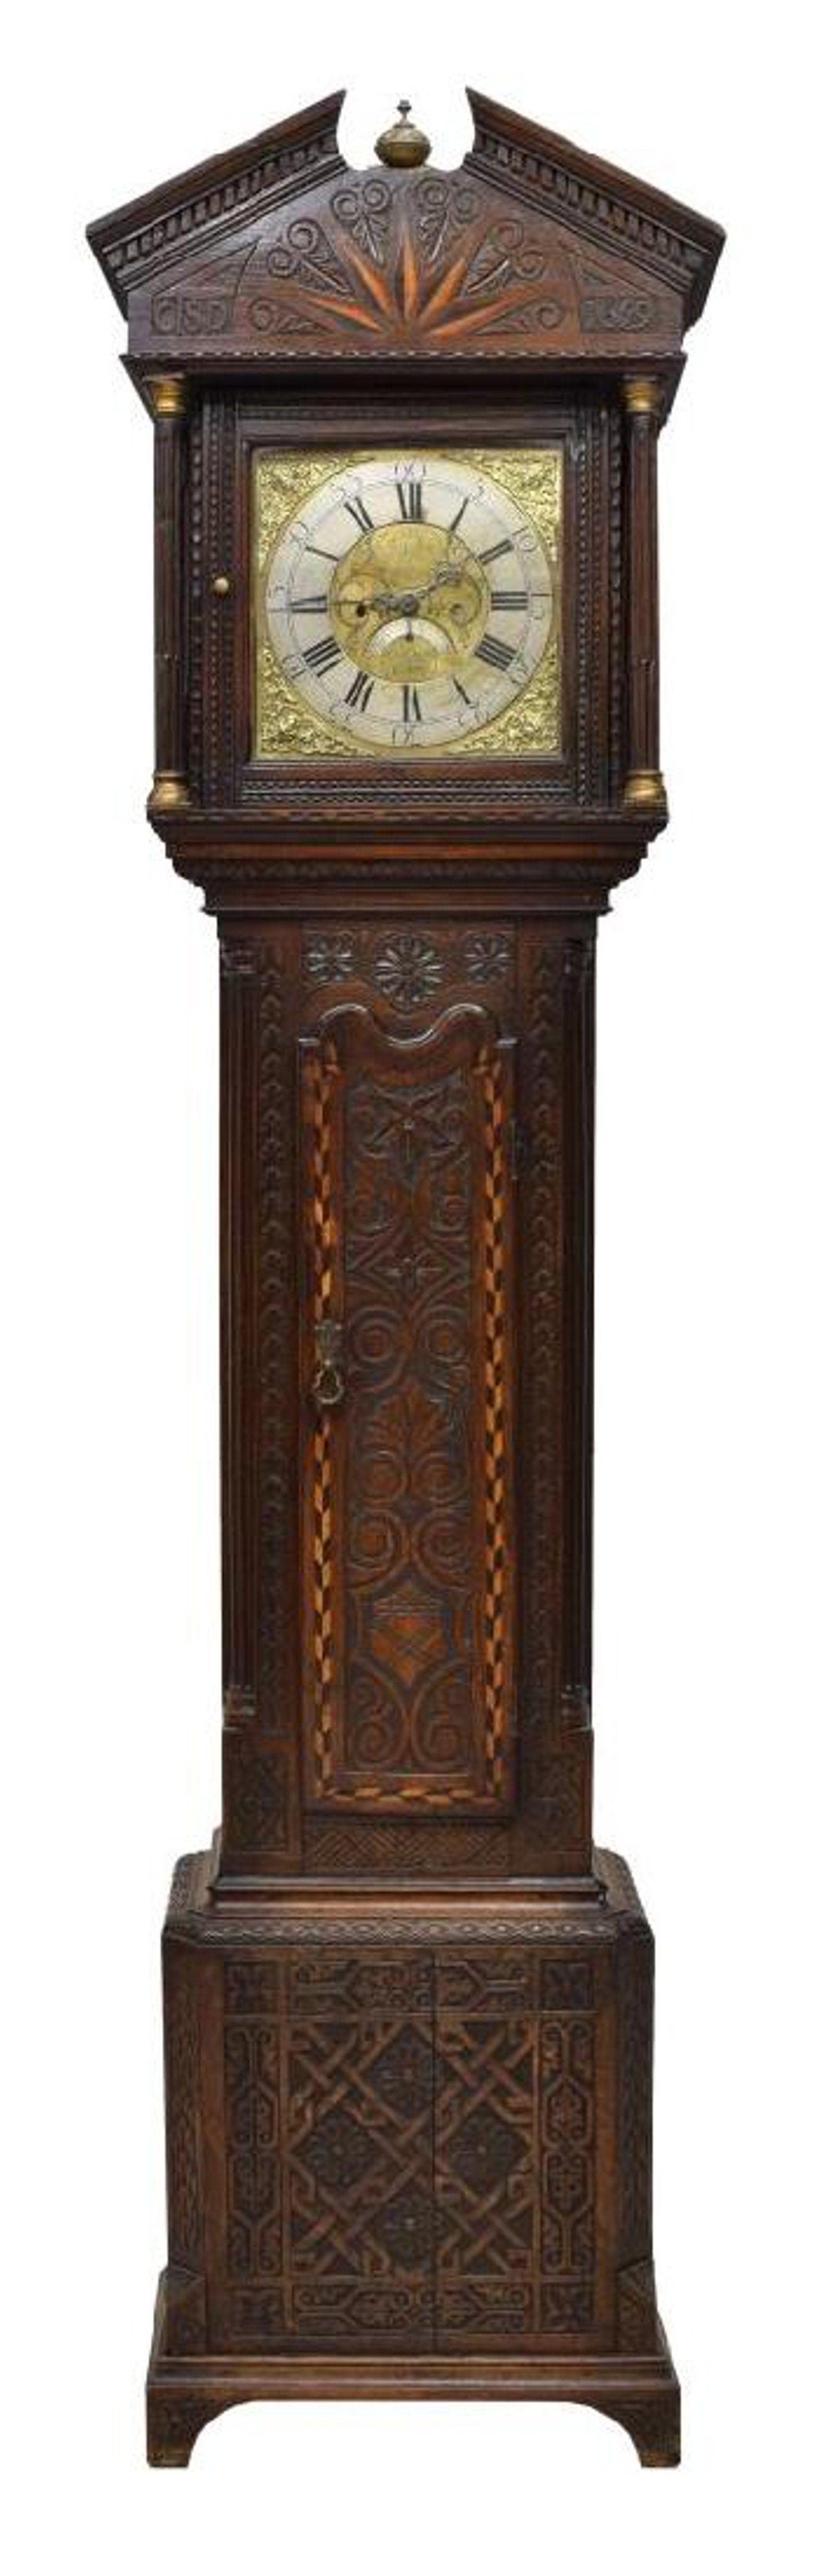 dating english longcase clocks